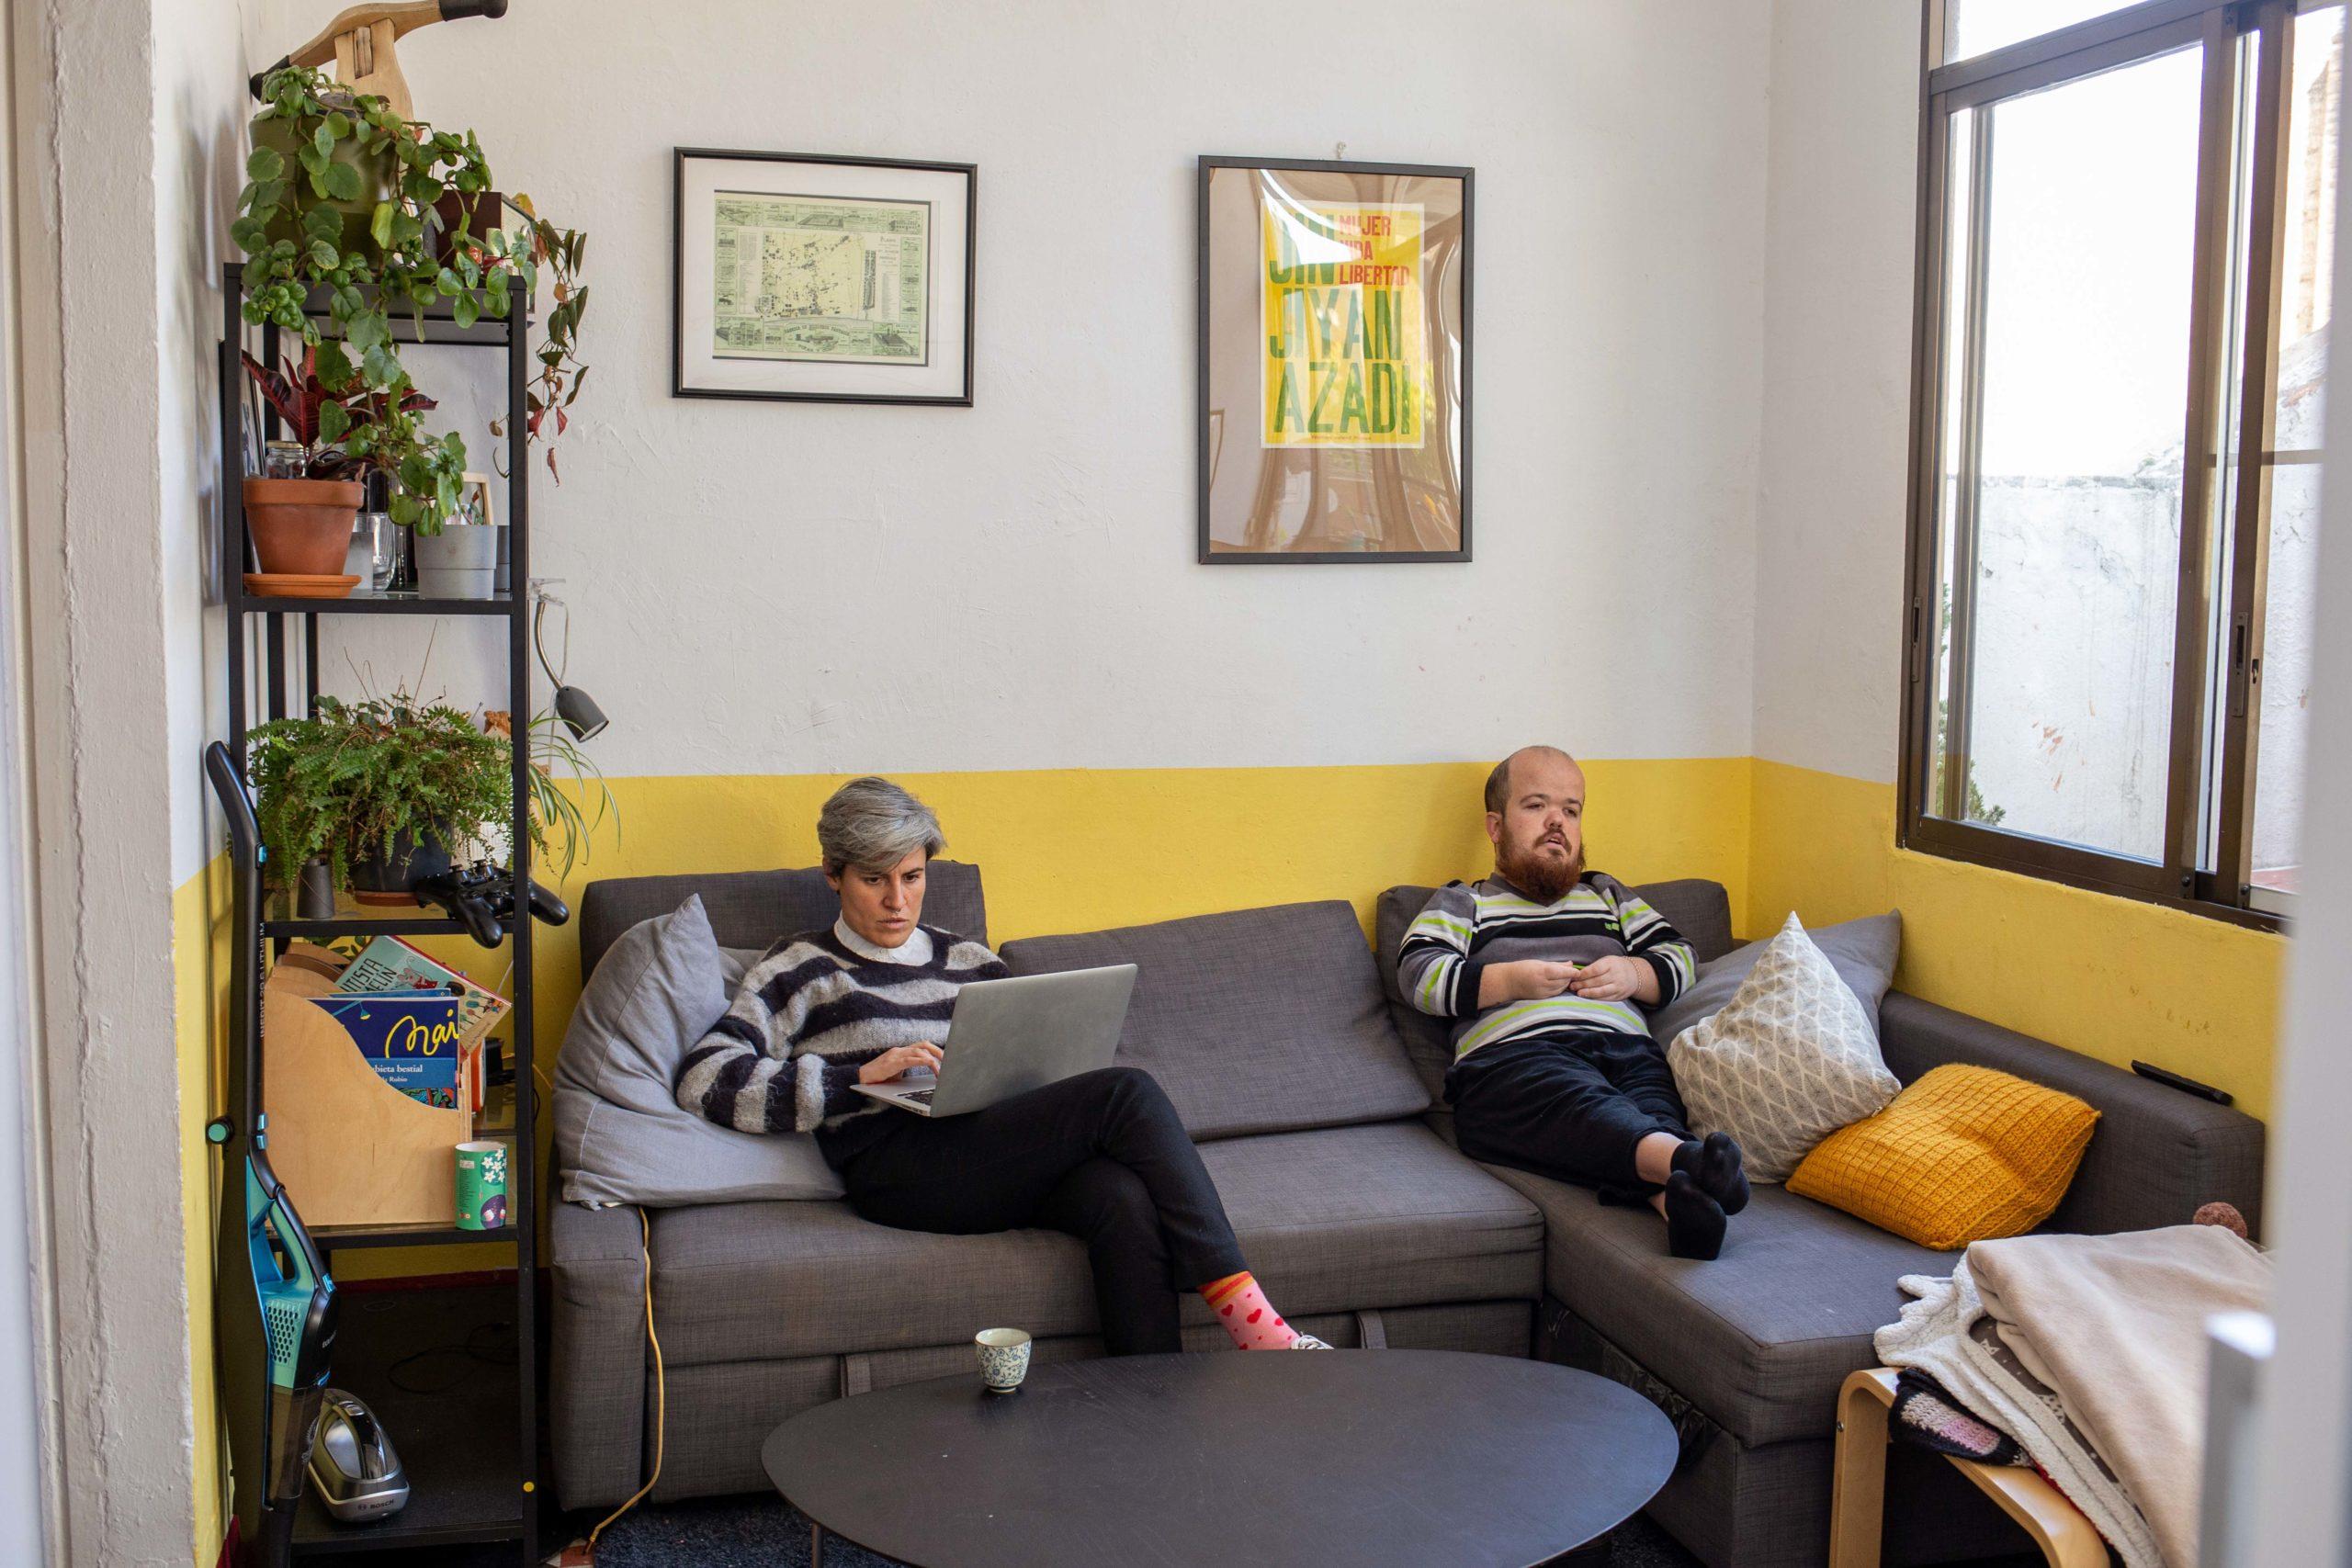 Una noia treballant amb l'ordinador i el seu company de pis mirant la televisió, tots dos asseguts al sofà del menjador